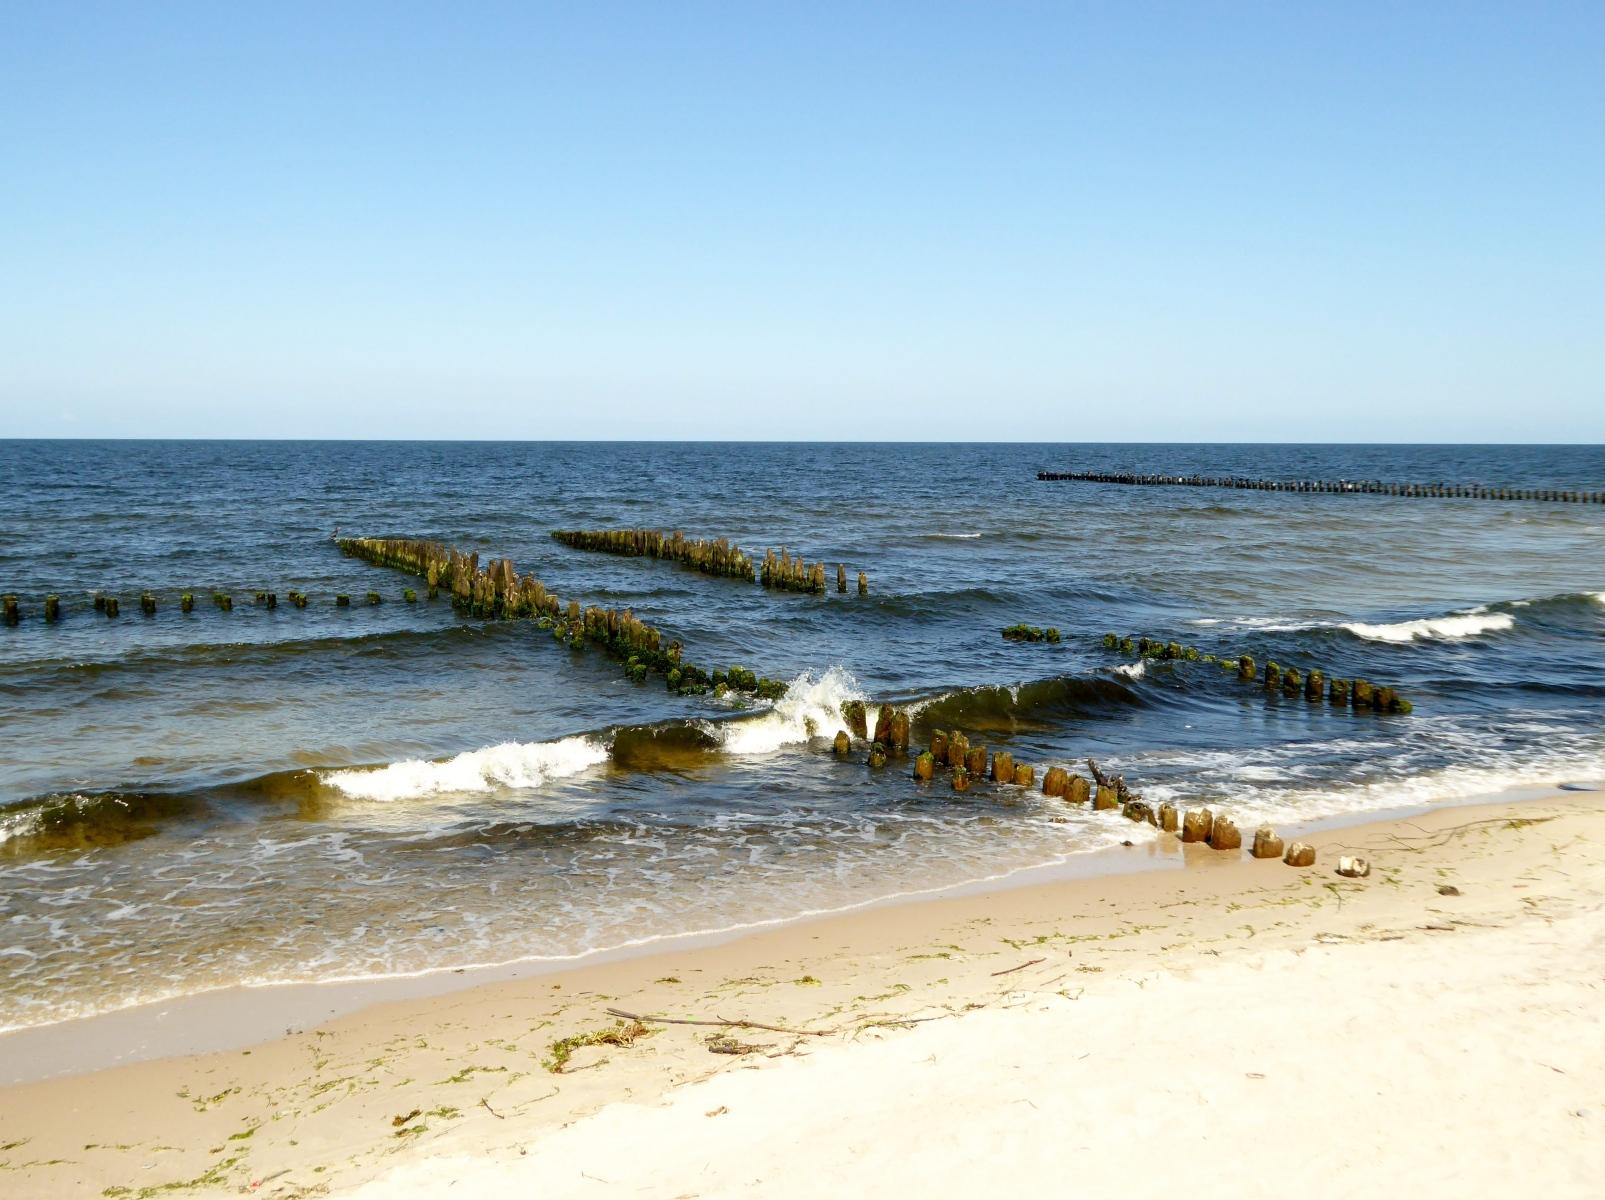 Abgesehen von den Ortschaften findet man während der Tour sehr einsame Strandbereiche, die von wenigen Gästen aufgesucht werden.